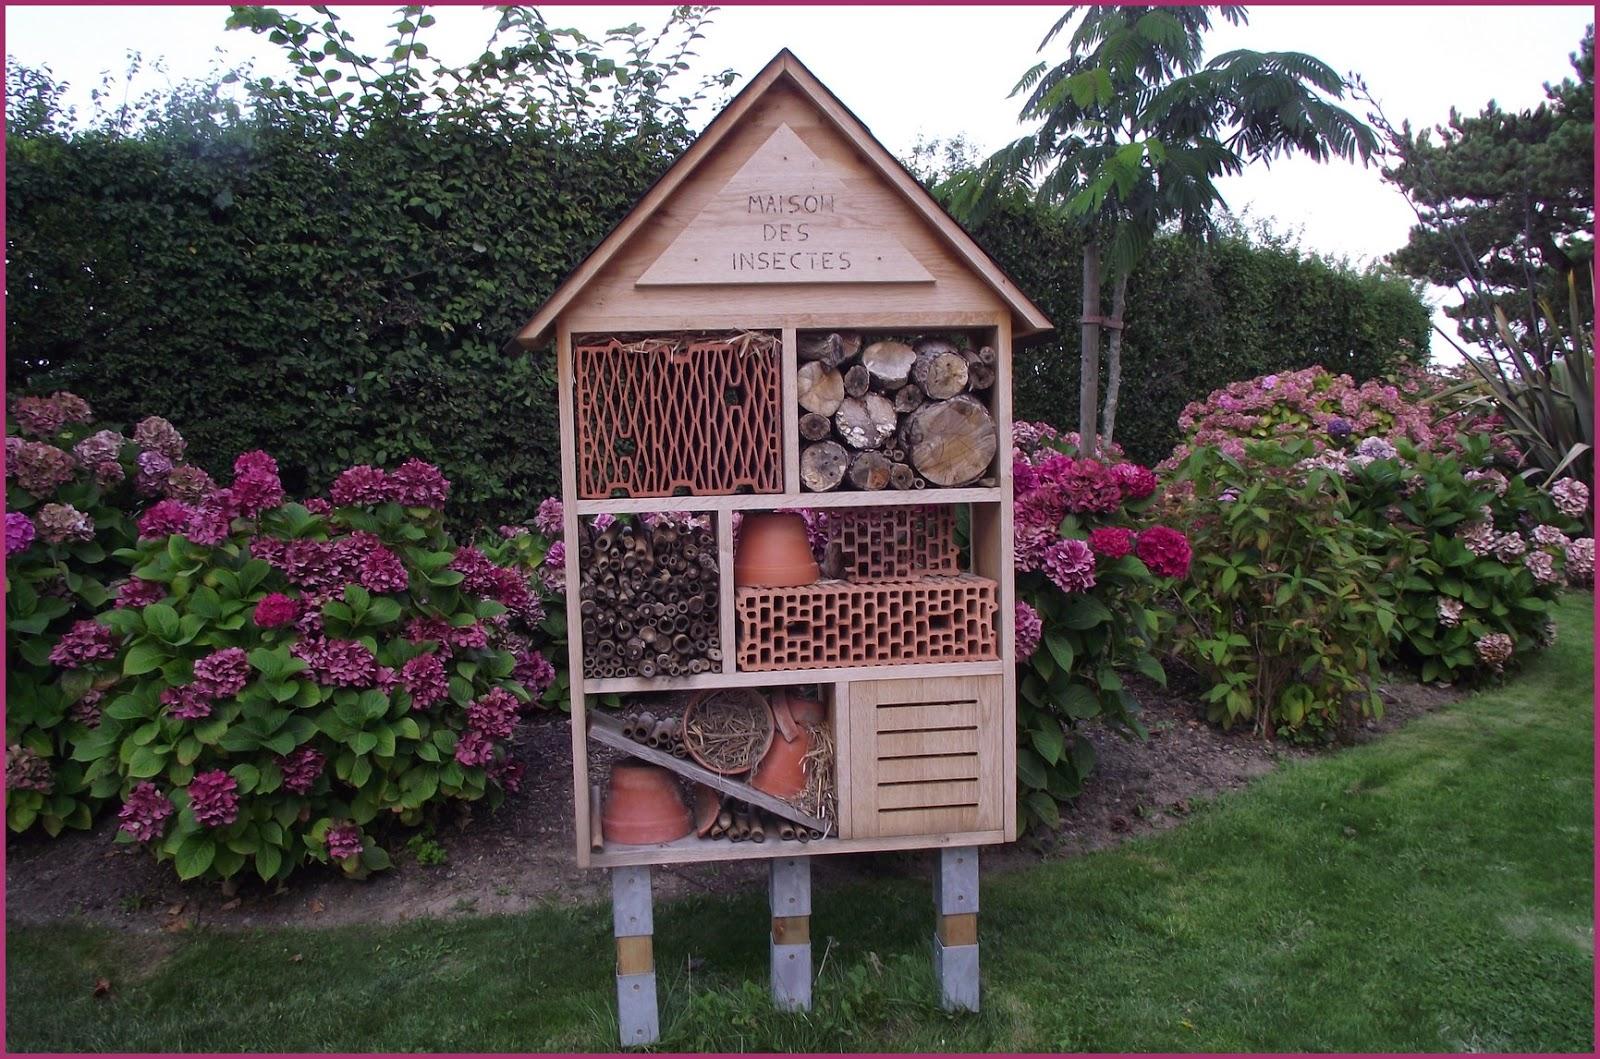 Pigeonnieresplendy2 maison ou h tel pour les insectes - Hotel a insectes nature et decouverte ...